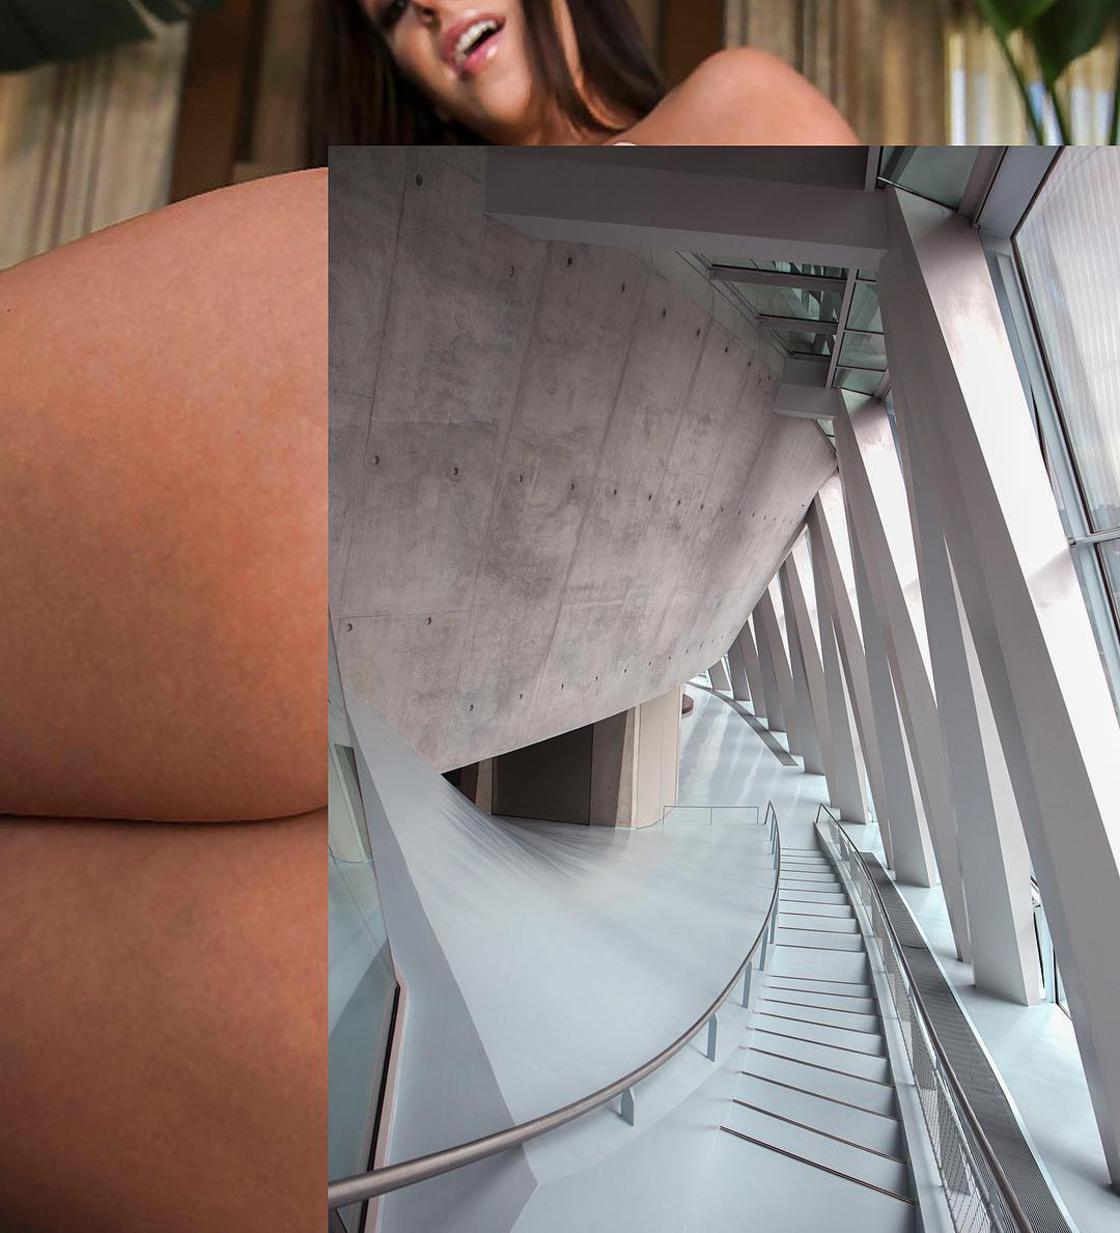 Scientwehst sex architectuur kunst